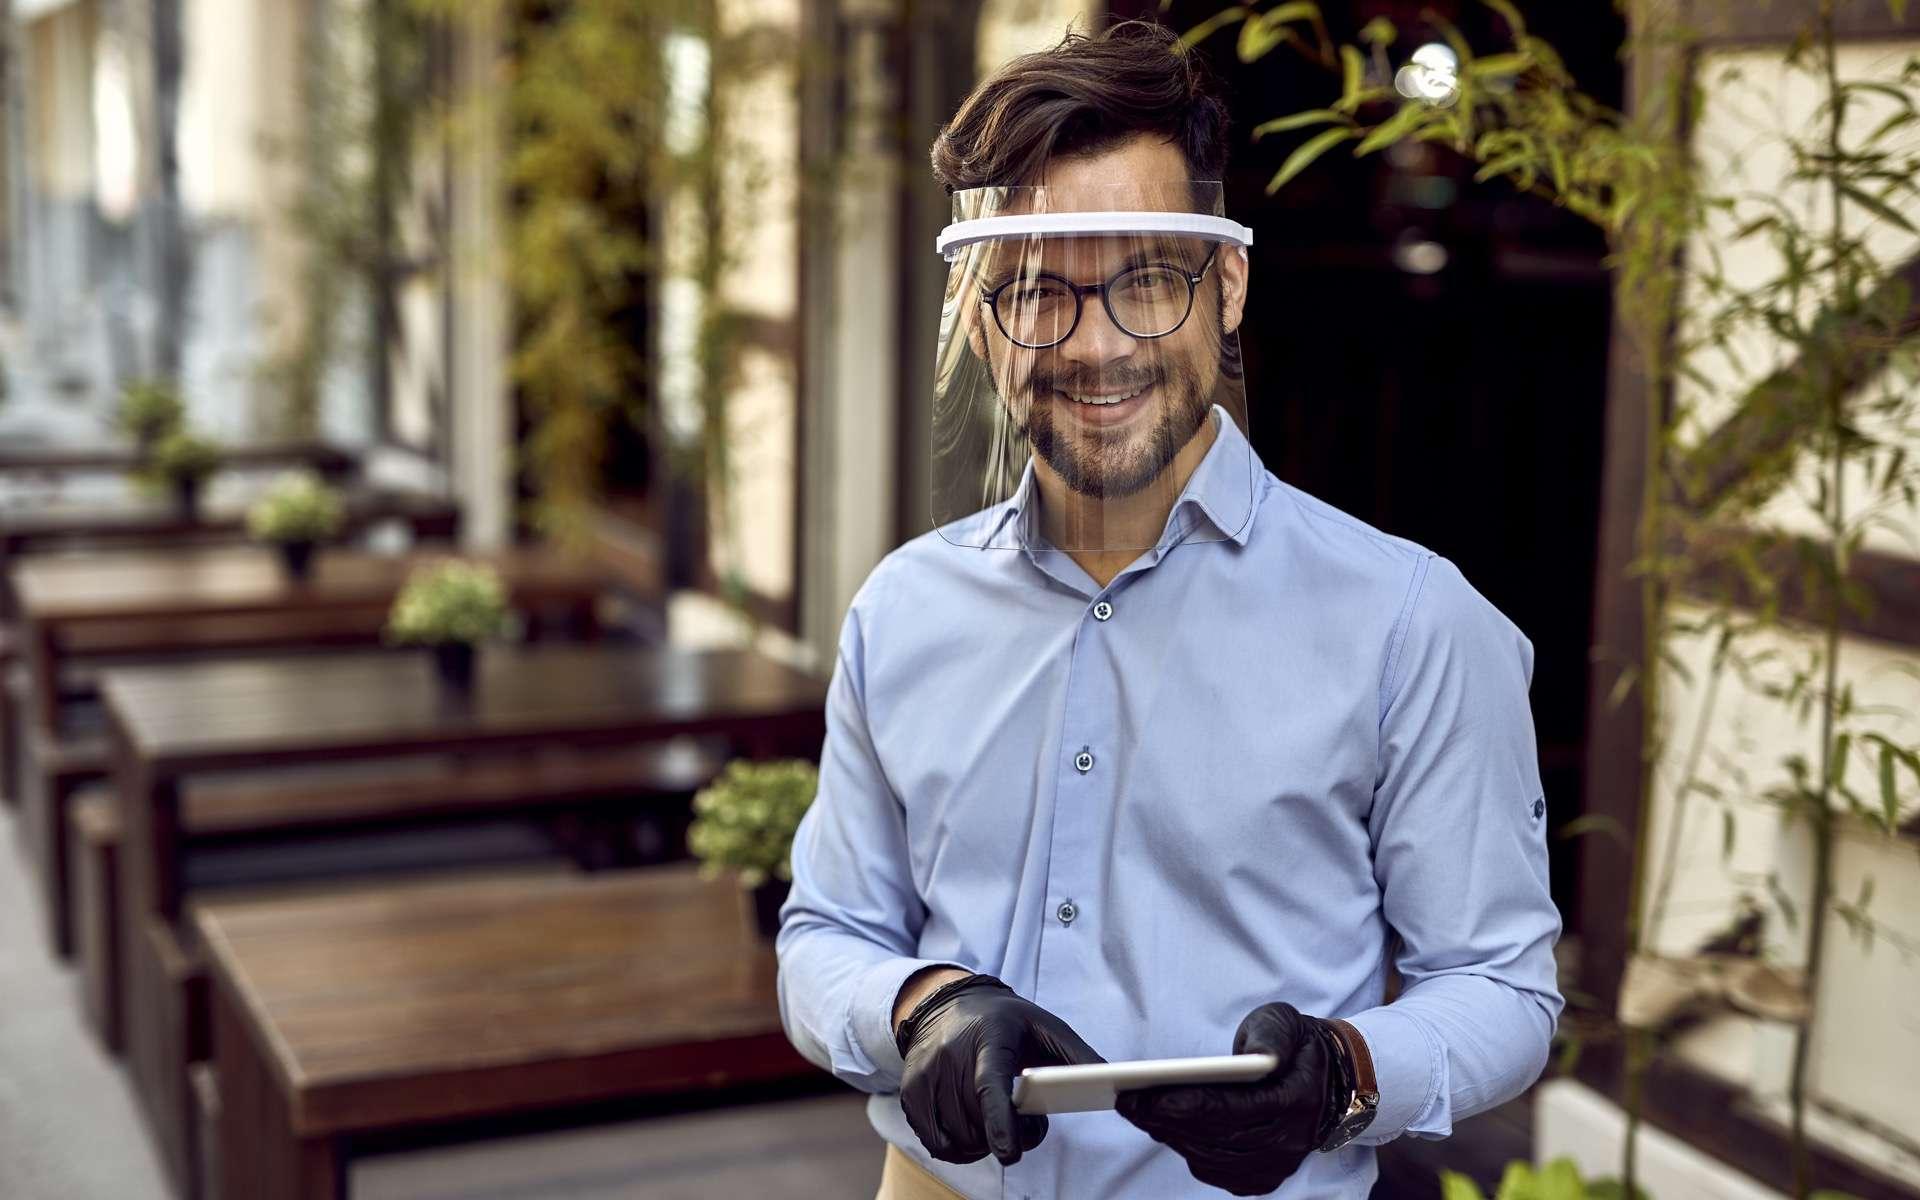 Comment porter une visière de façon efficace. © Drazen, Adobe Stock